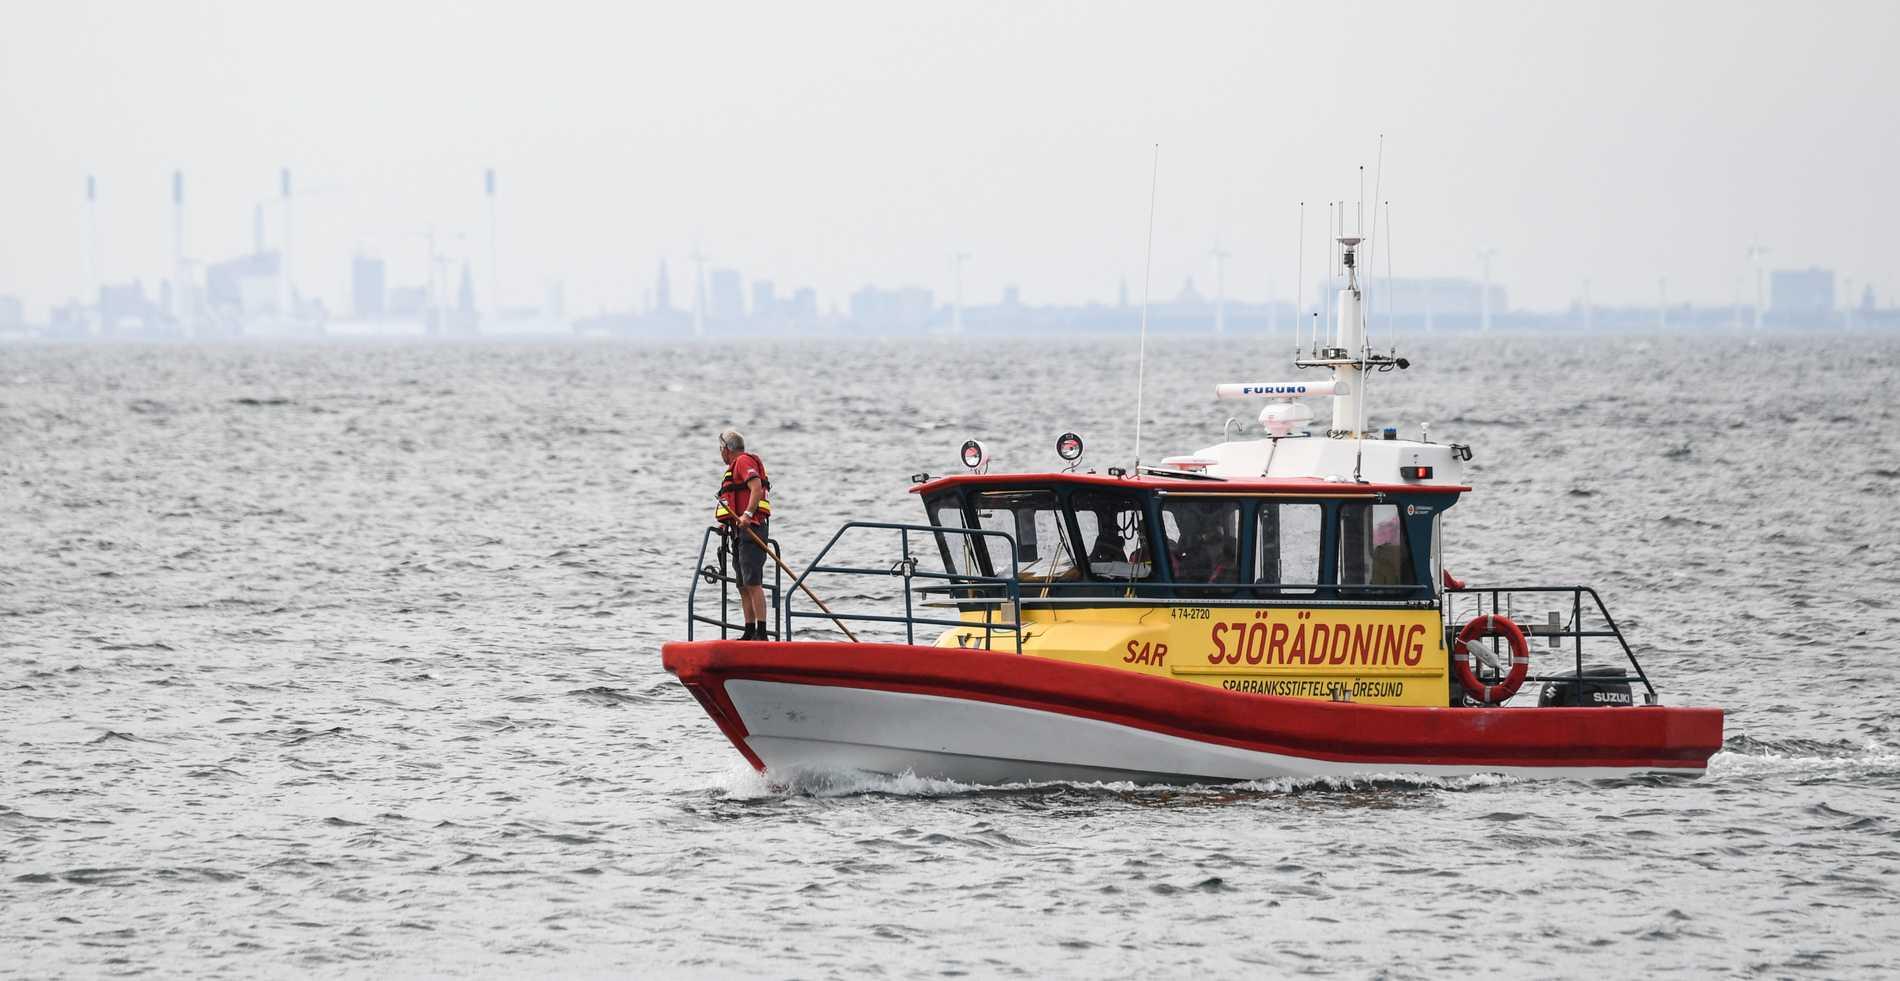 Sjöräddningen gjorde fler insatser under augusti än normalt. Arkivbild.